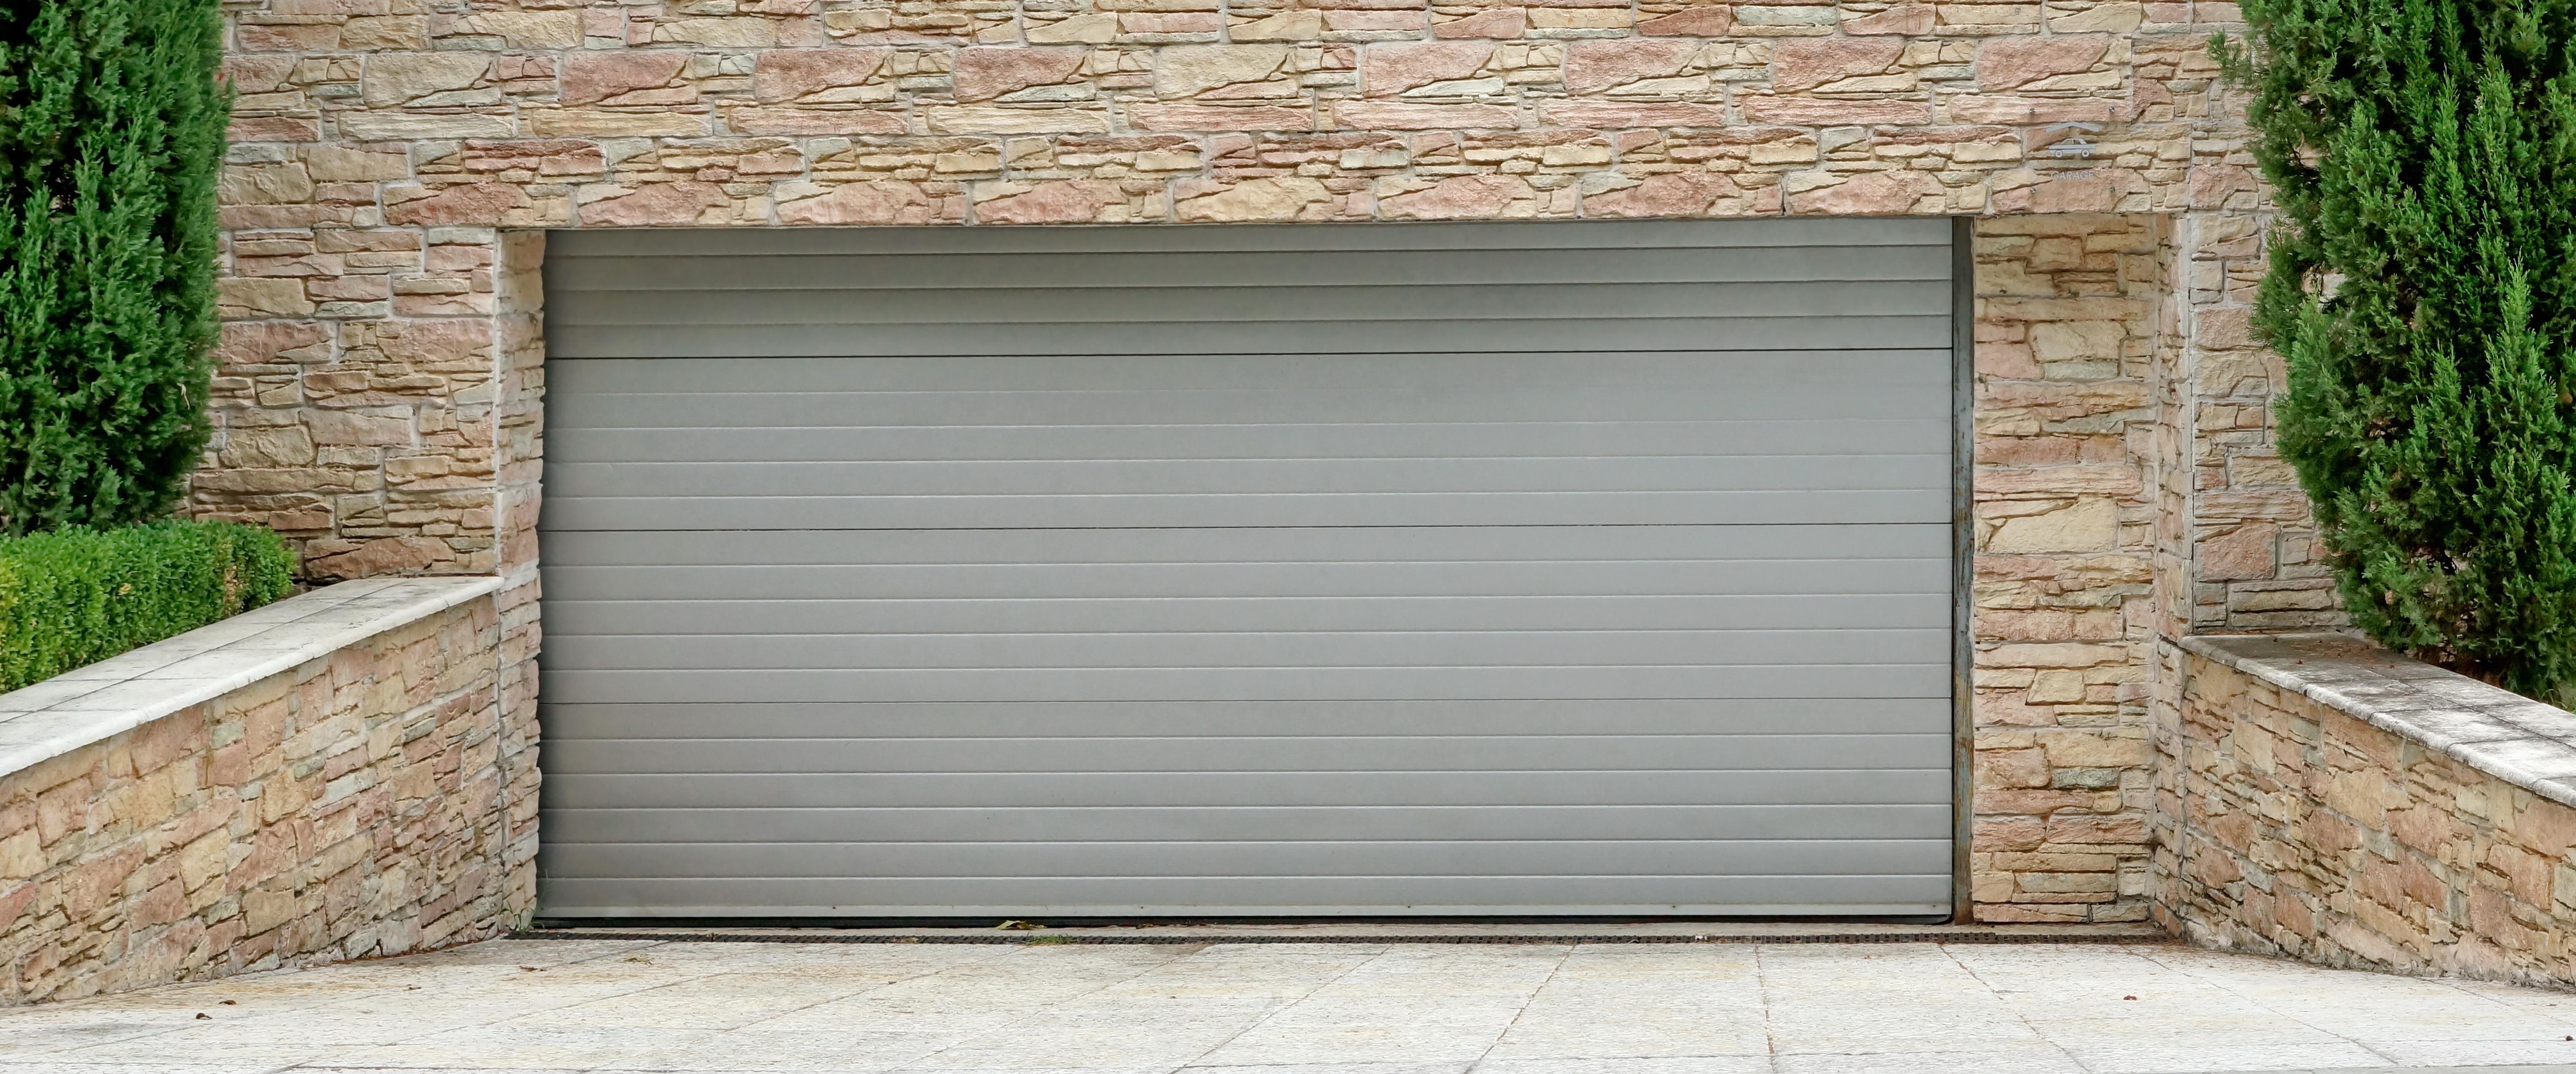 Automatismos de puertas de garaje: Productos y servicios de G&S Servicios